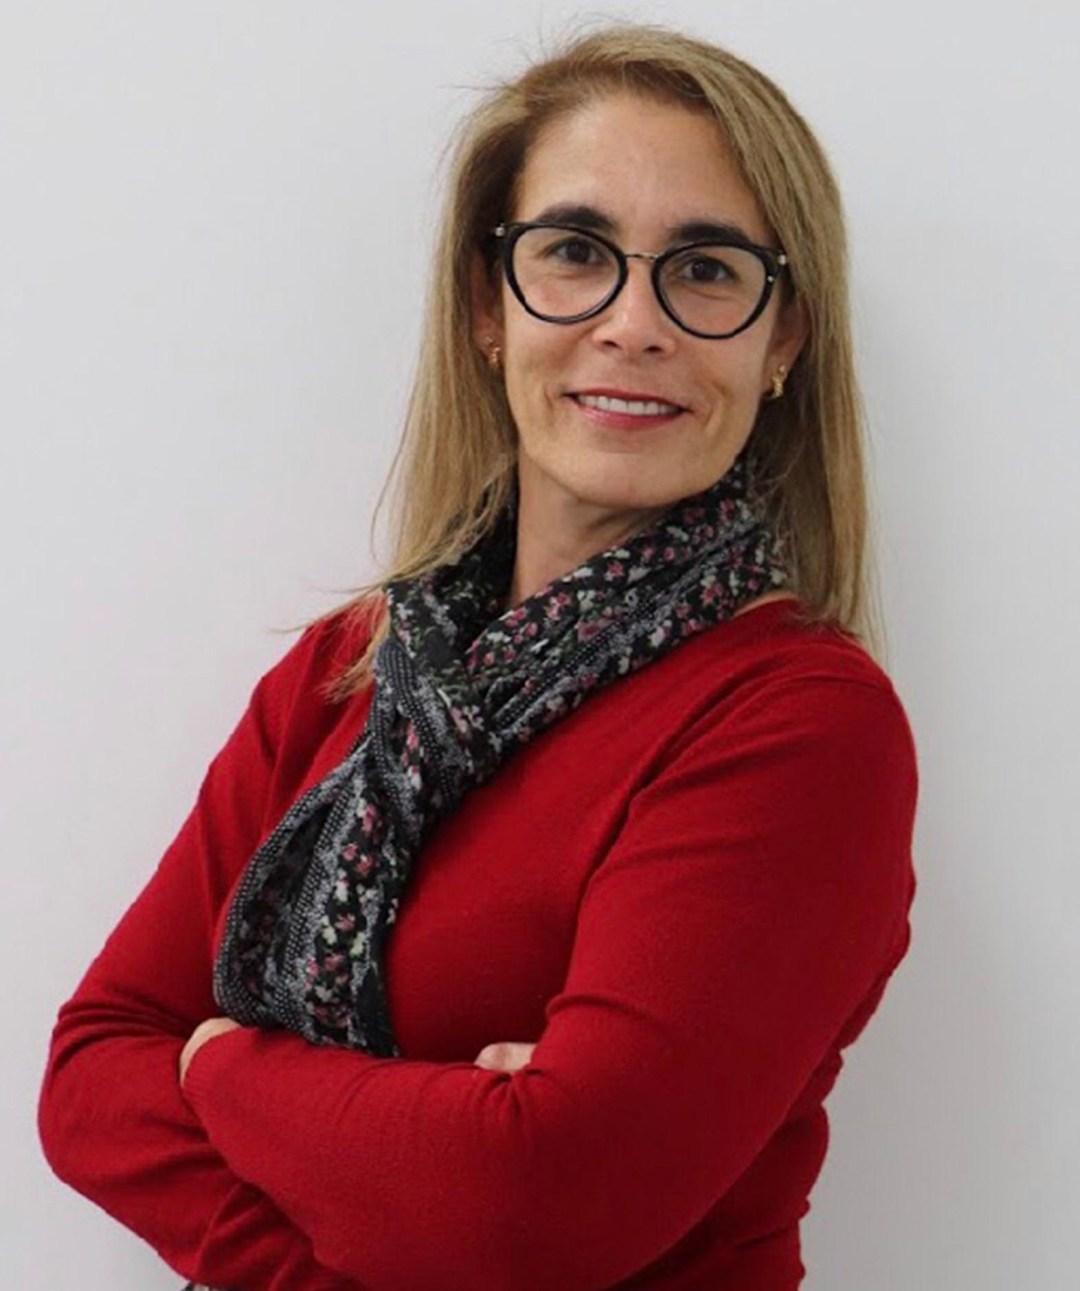 Irene Martin